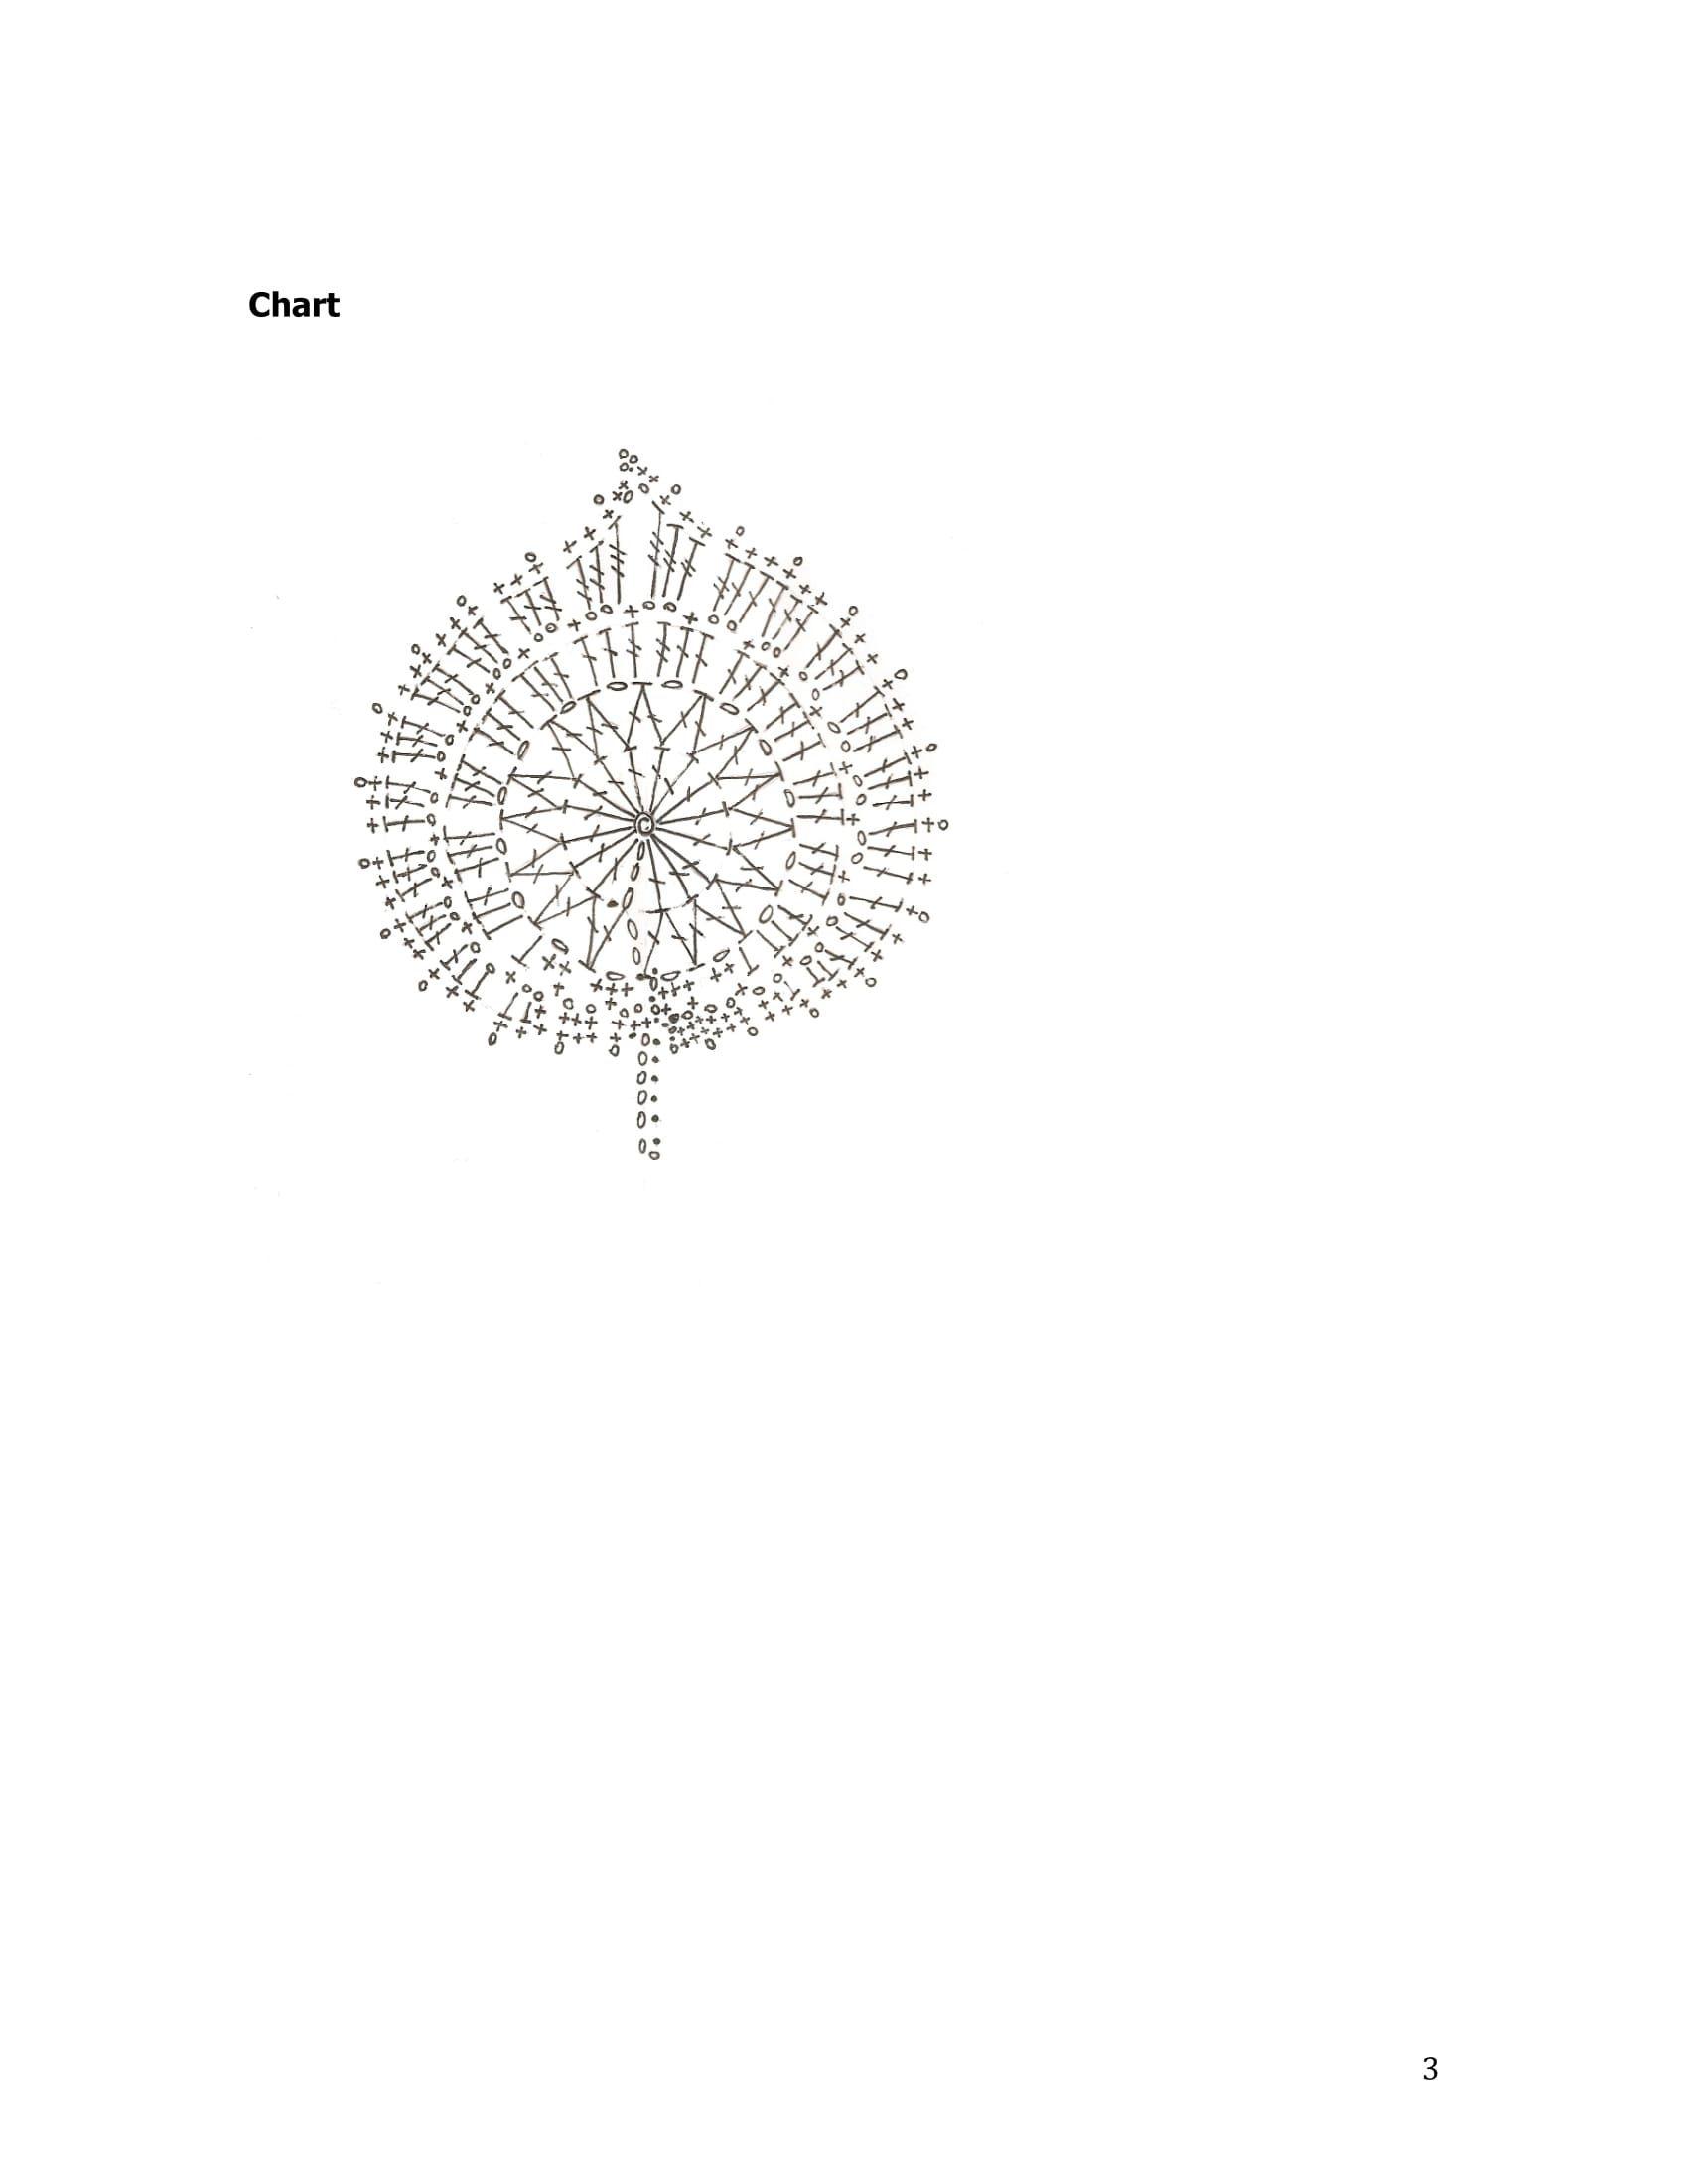 Leaf_coasters_pattern_US_terms-3.jpg (1700×2200)